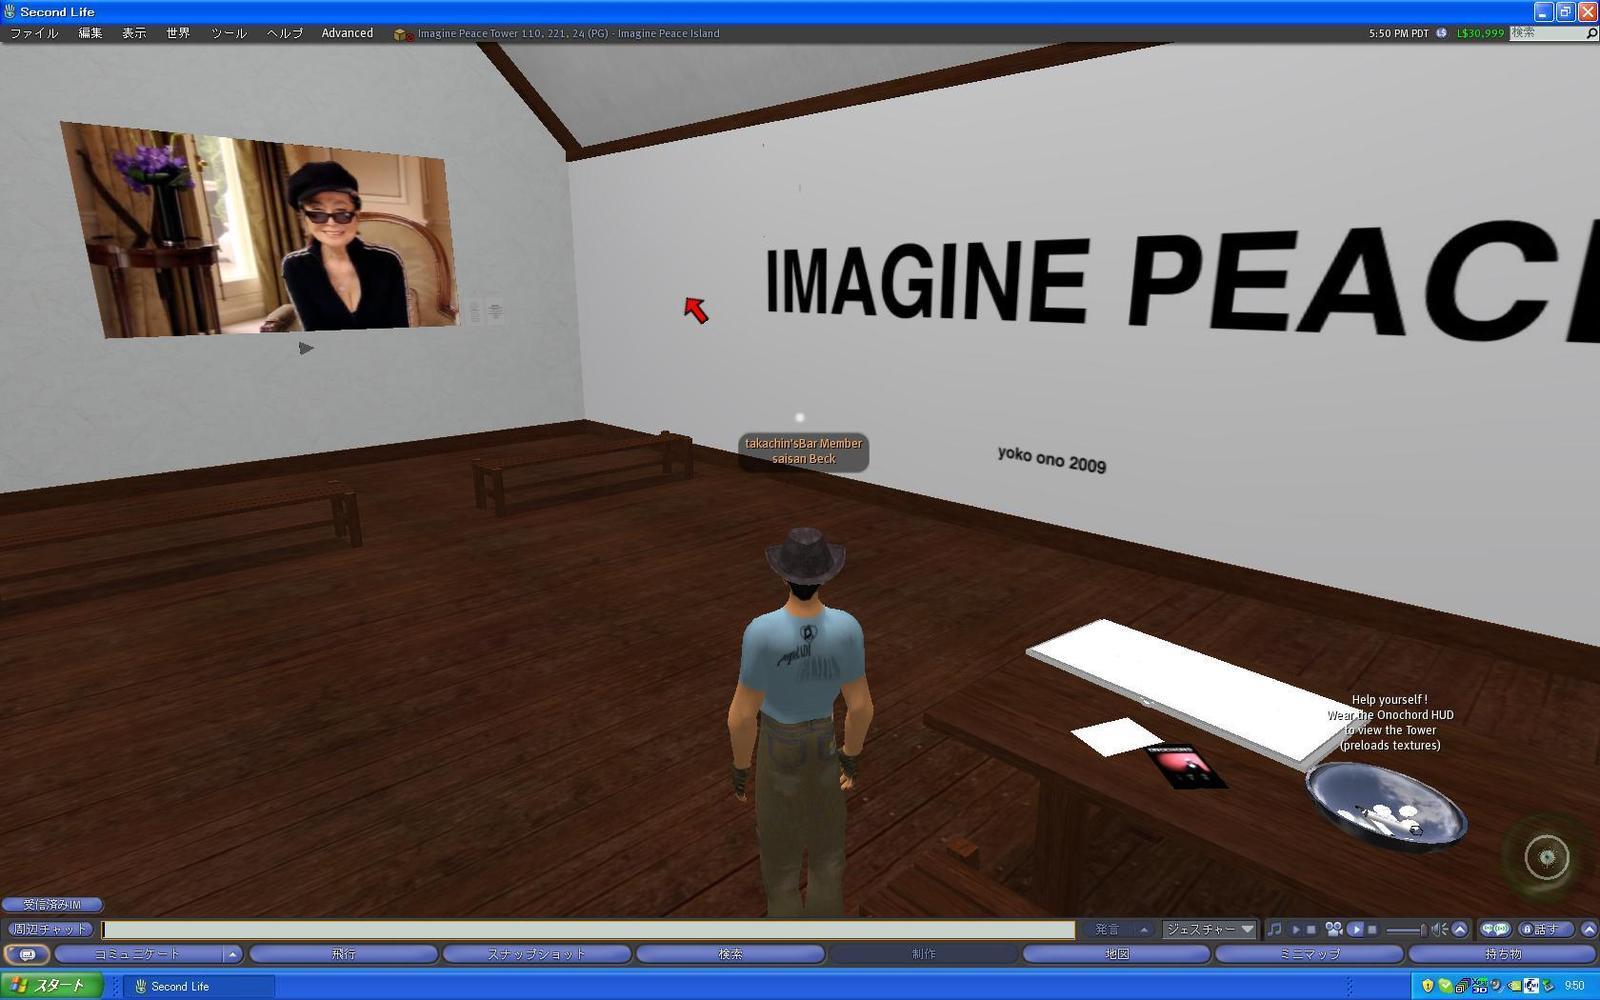 091023imagine_peace